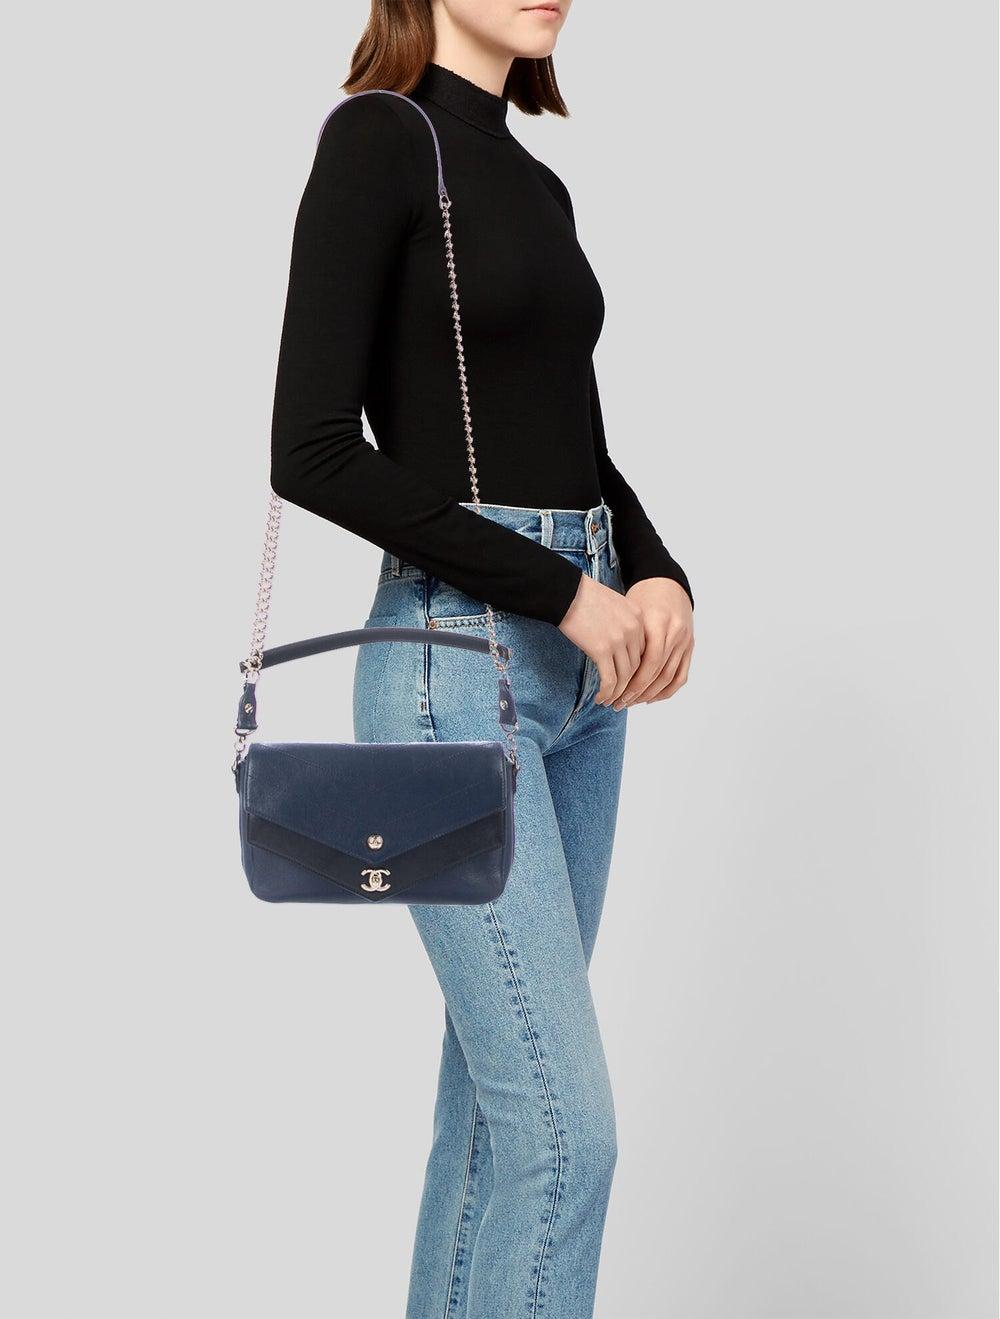 Chanel Paris-Hamburg Double Chevron Flap Bag Blue - image 2